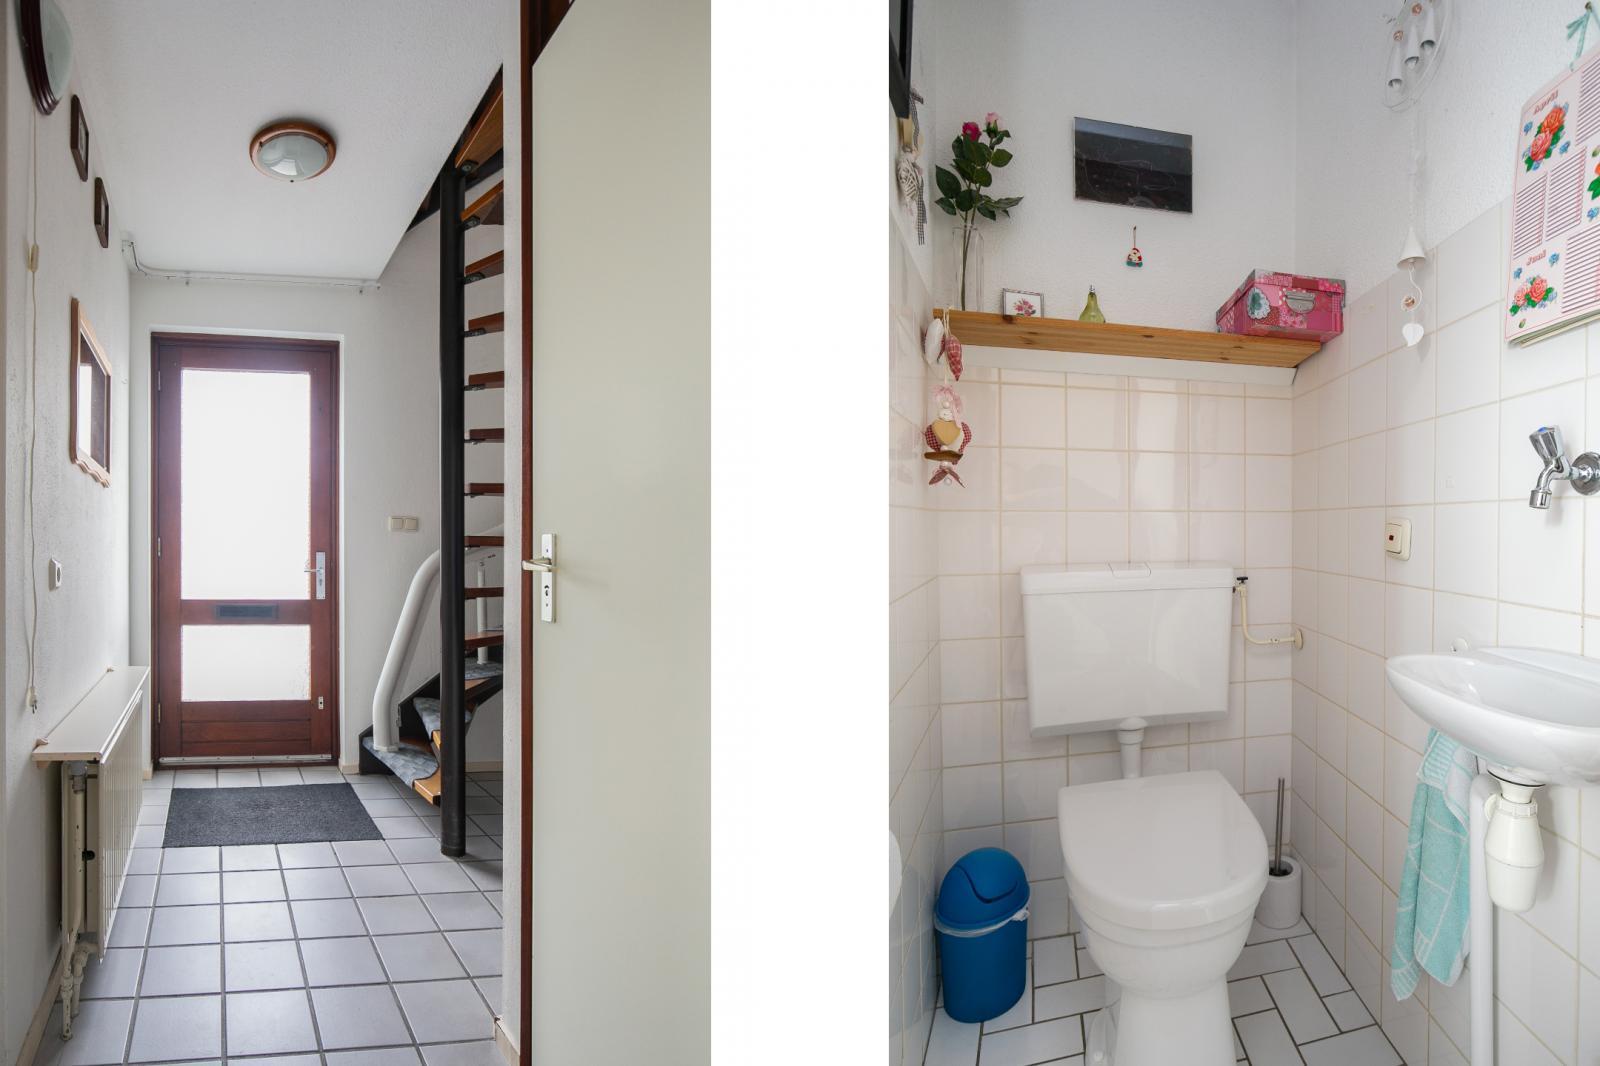 zeino-van-burmaniastrjitte-15-oppenhuizen-1057